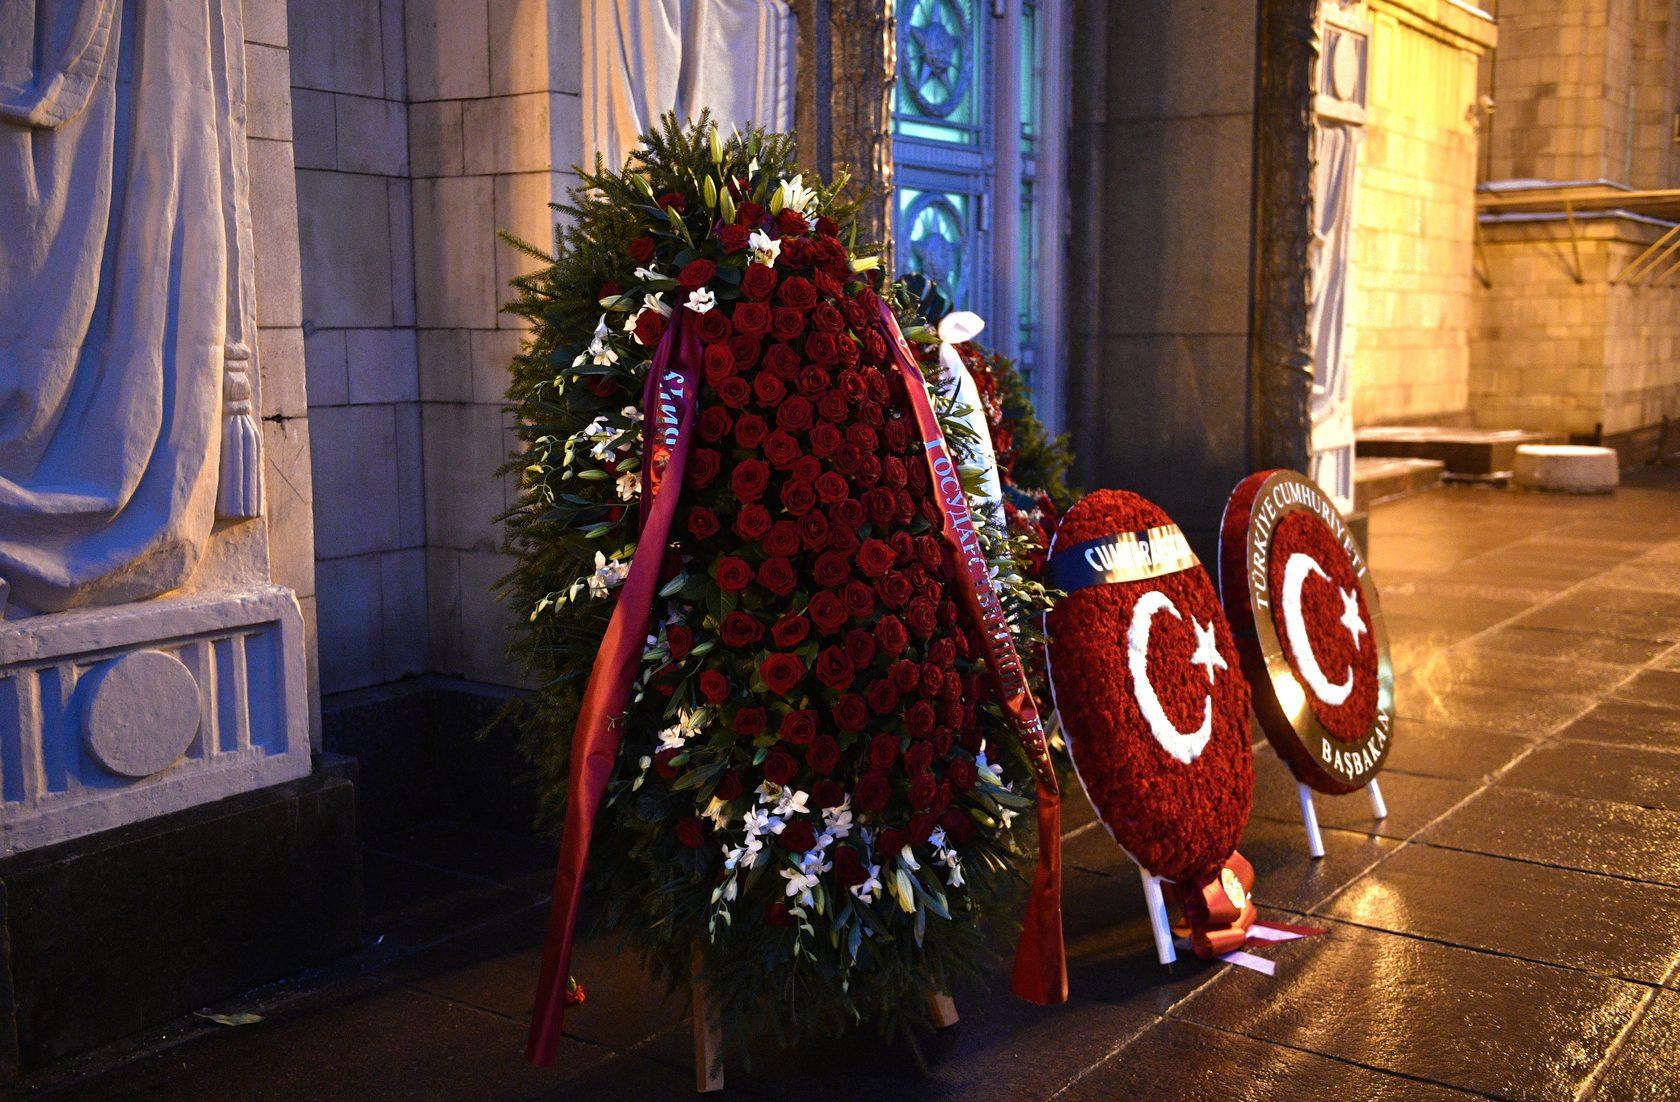 Türkiyeden gönderildiği iddia edilen silahlar için Libyada soruşturma açılıyor 6